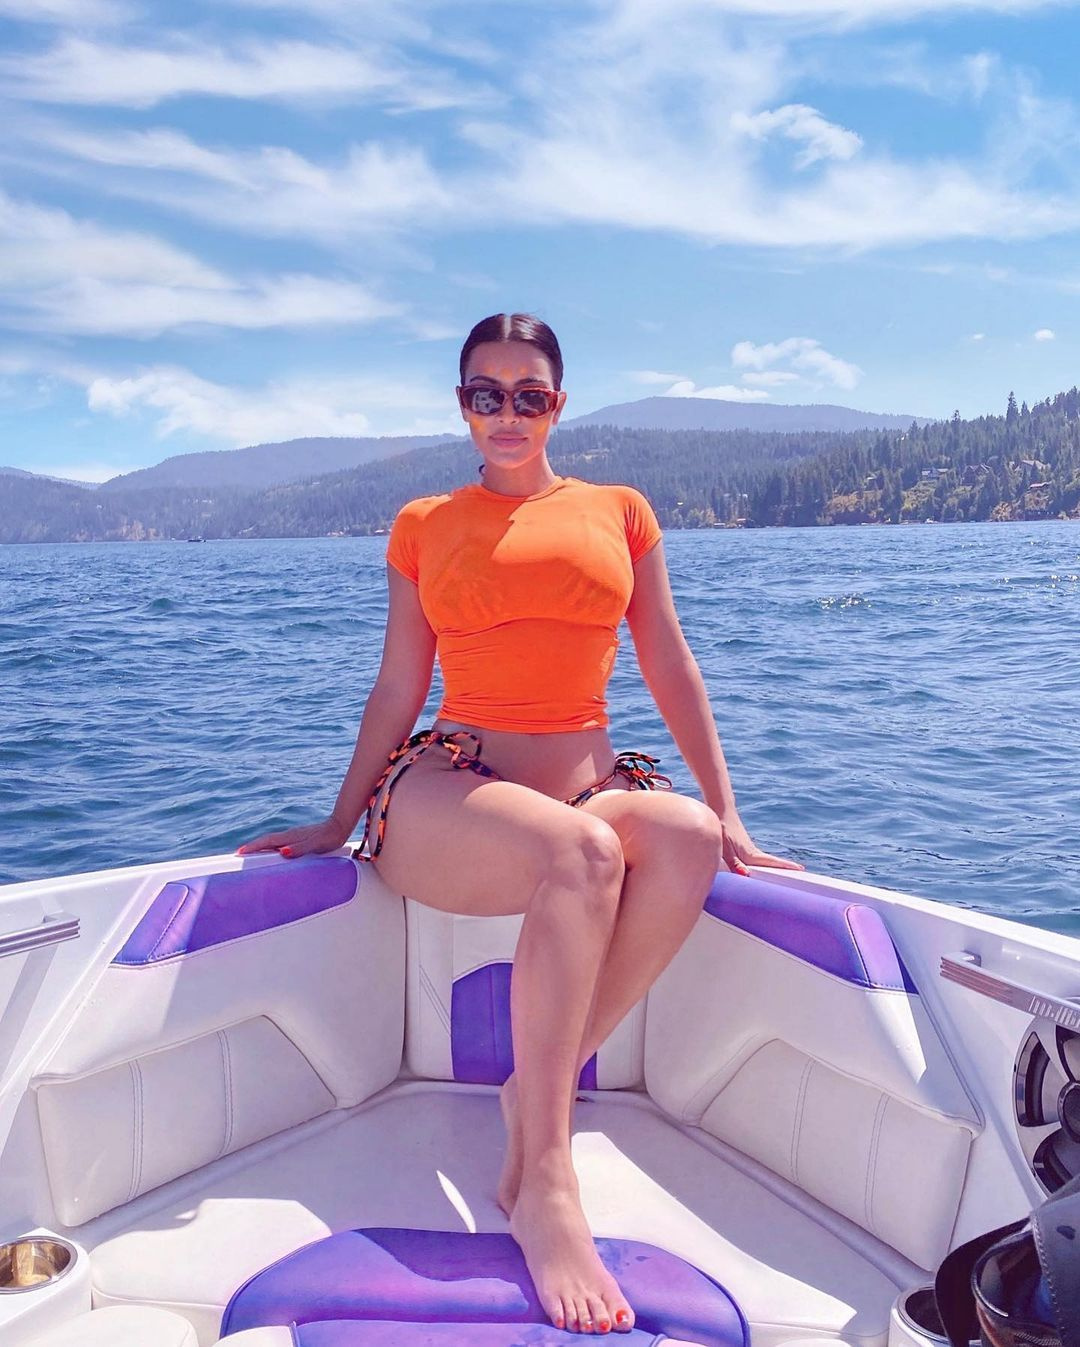 ABD seçiminde kocası adaydı! Kim Kardashian başka bir adayı desteklemiş olabilir